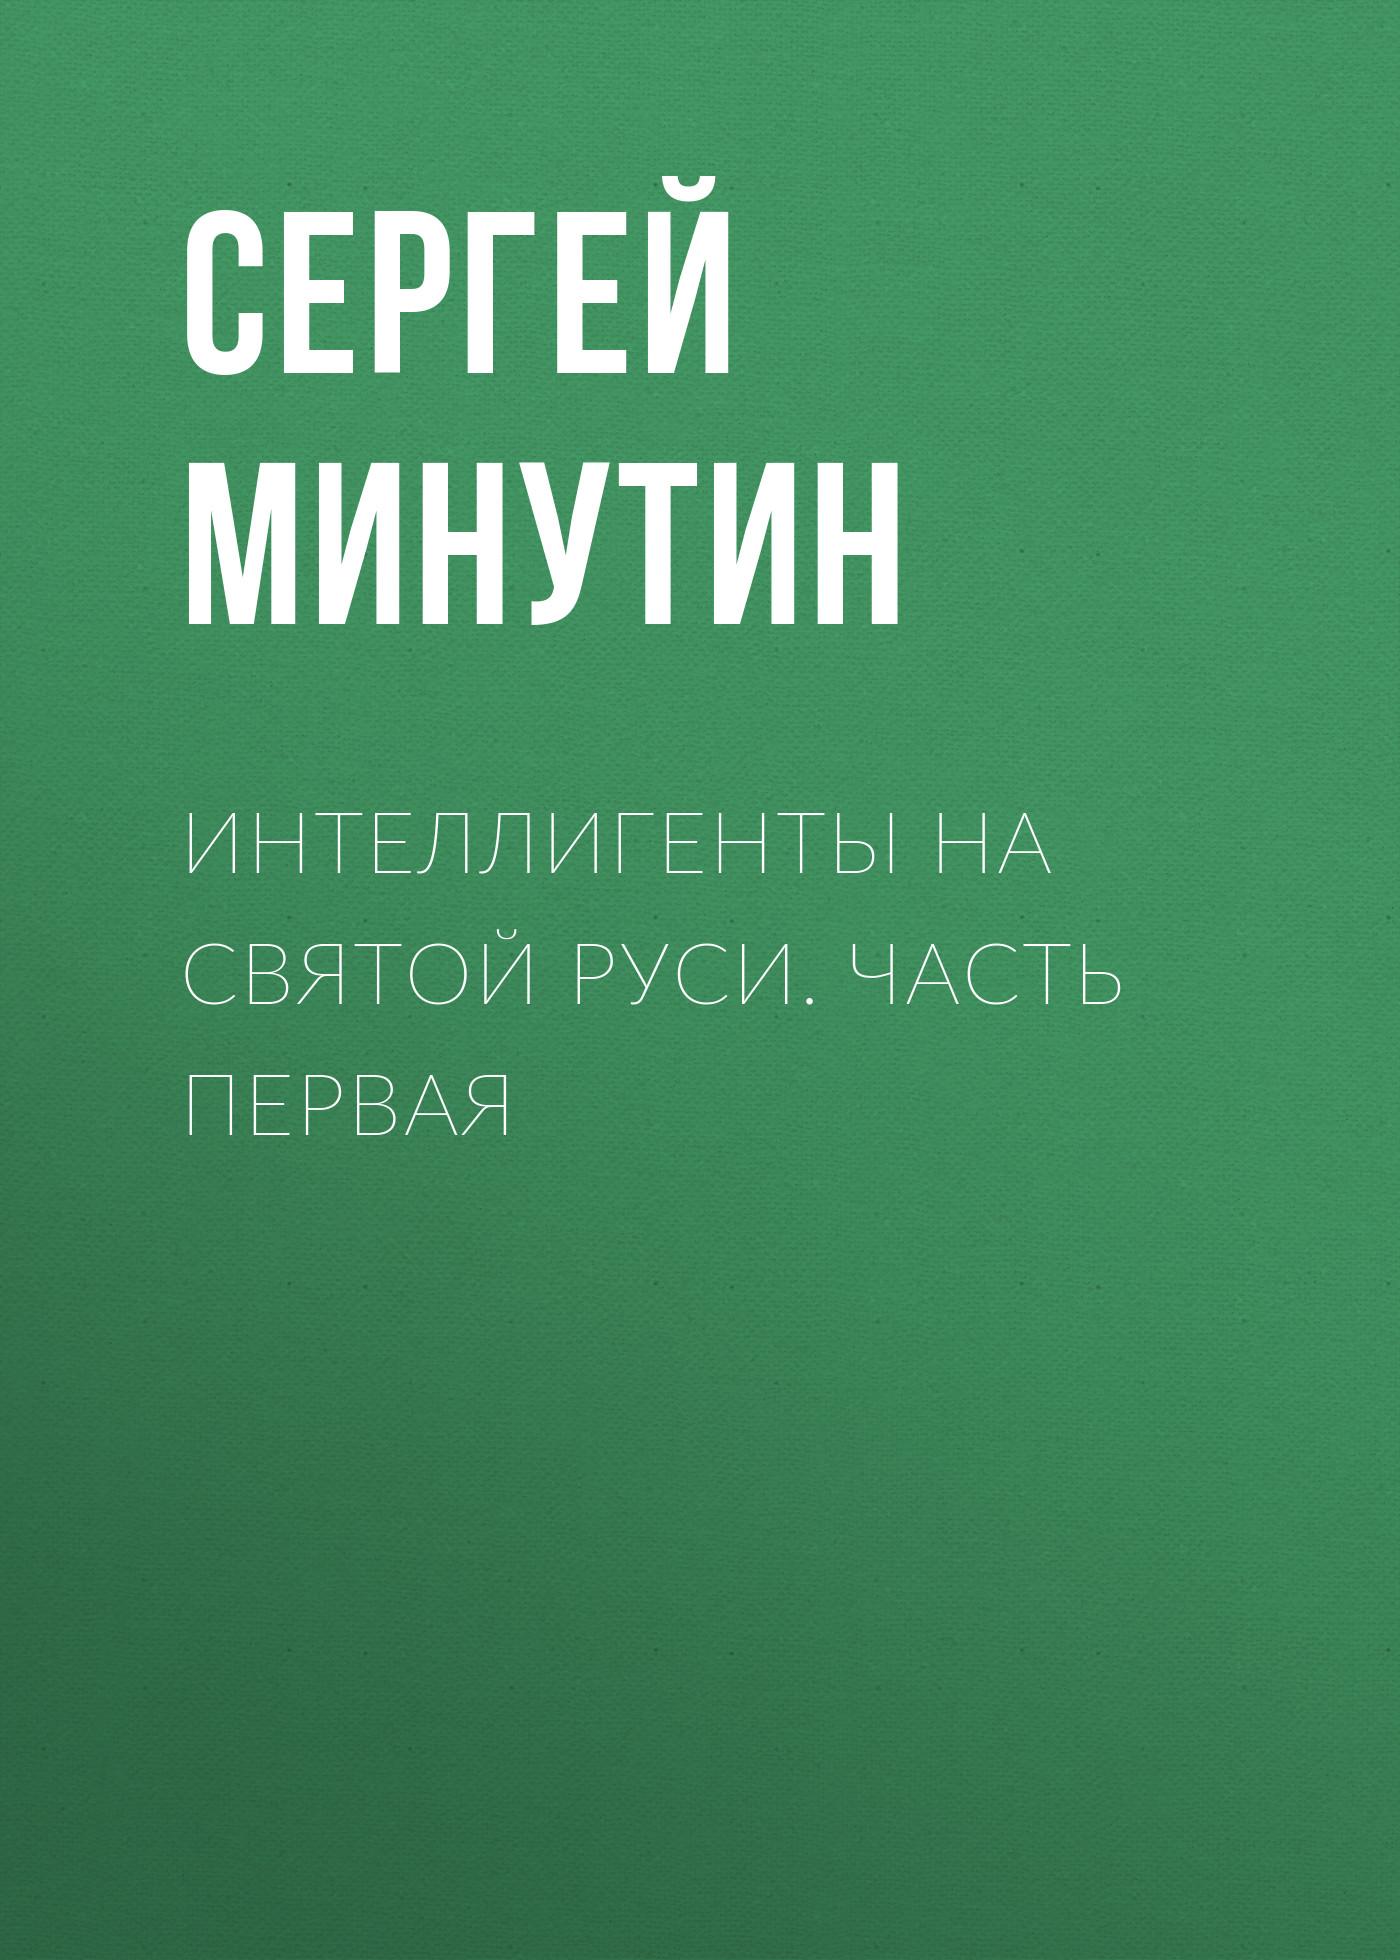 Интеллигенты на Святой Руси. Часть первая